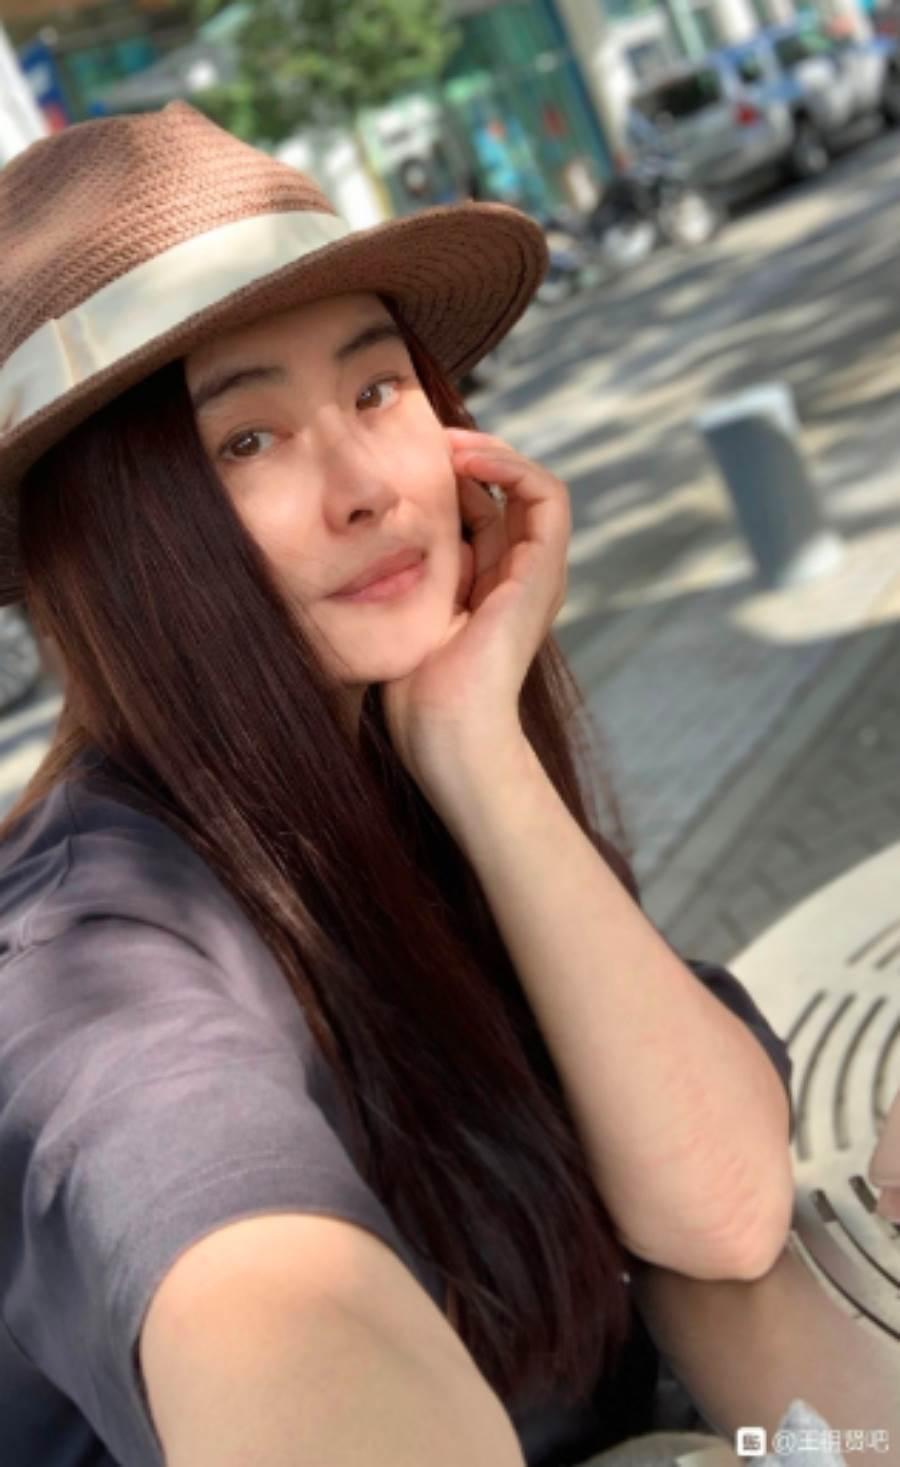 今(25)日王祖贤粉丝分享她的近况照,神冻龄几乎看不出她已年过半百,让人不免讚叹「神仙姐姐」。(图/ 摘自王祖贤微博粉丝会)